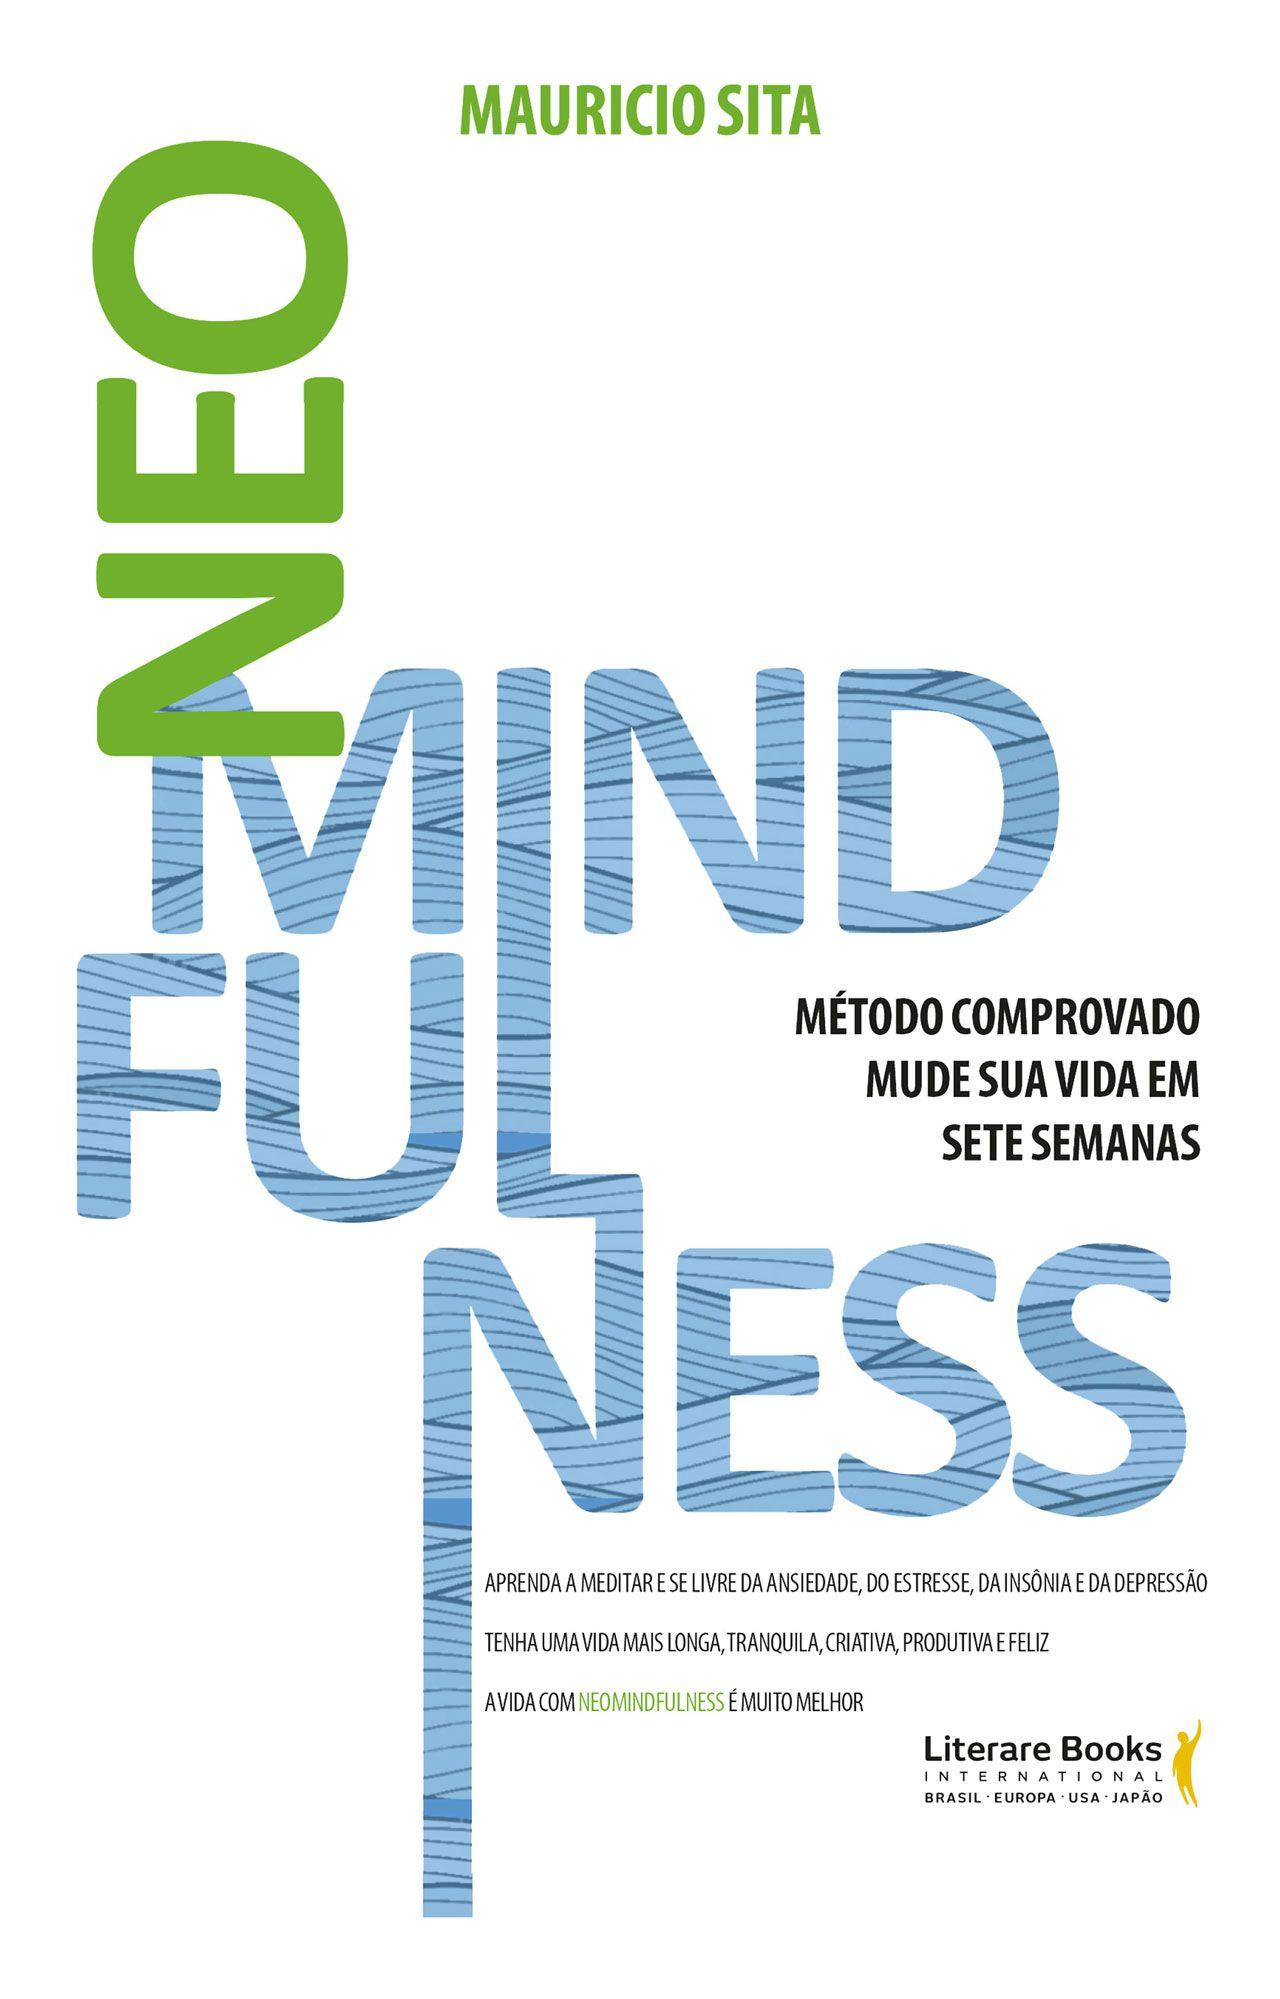 NeoMindfulness: mude sua vida em sete semanas